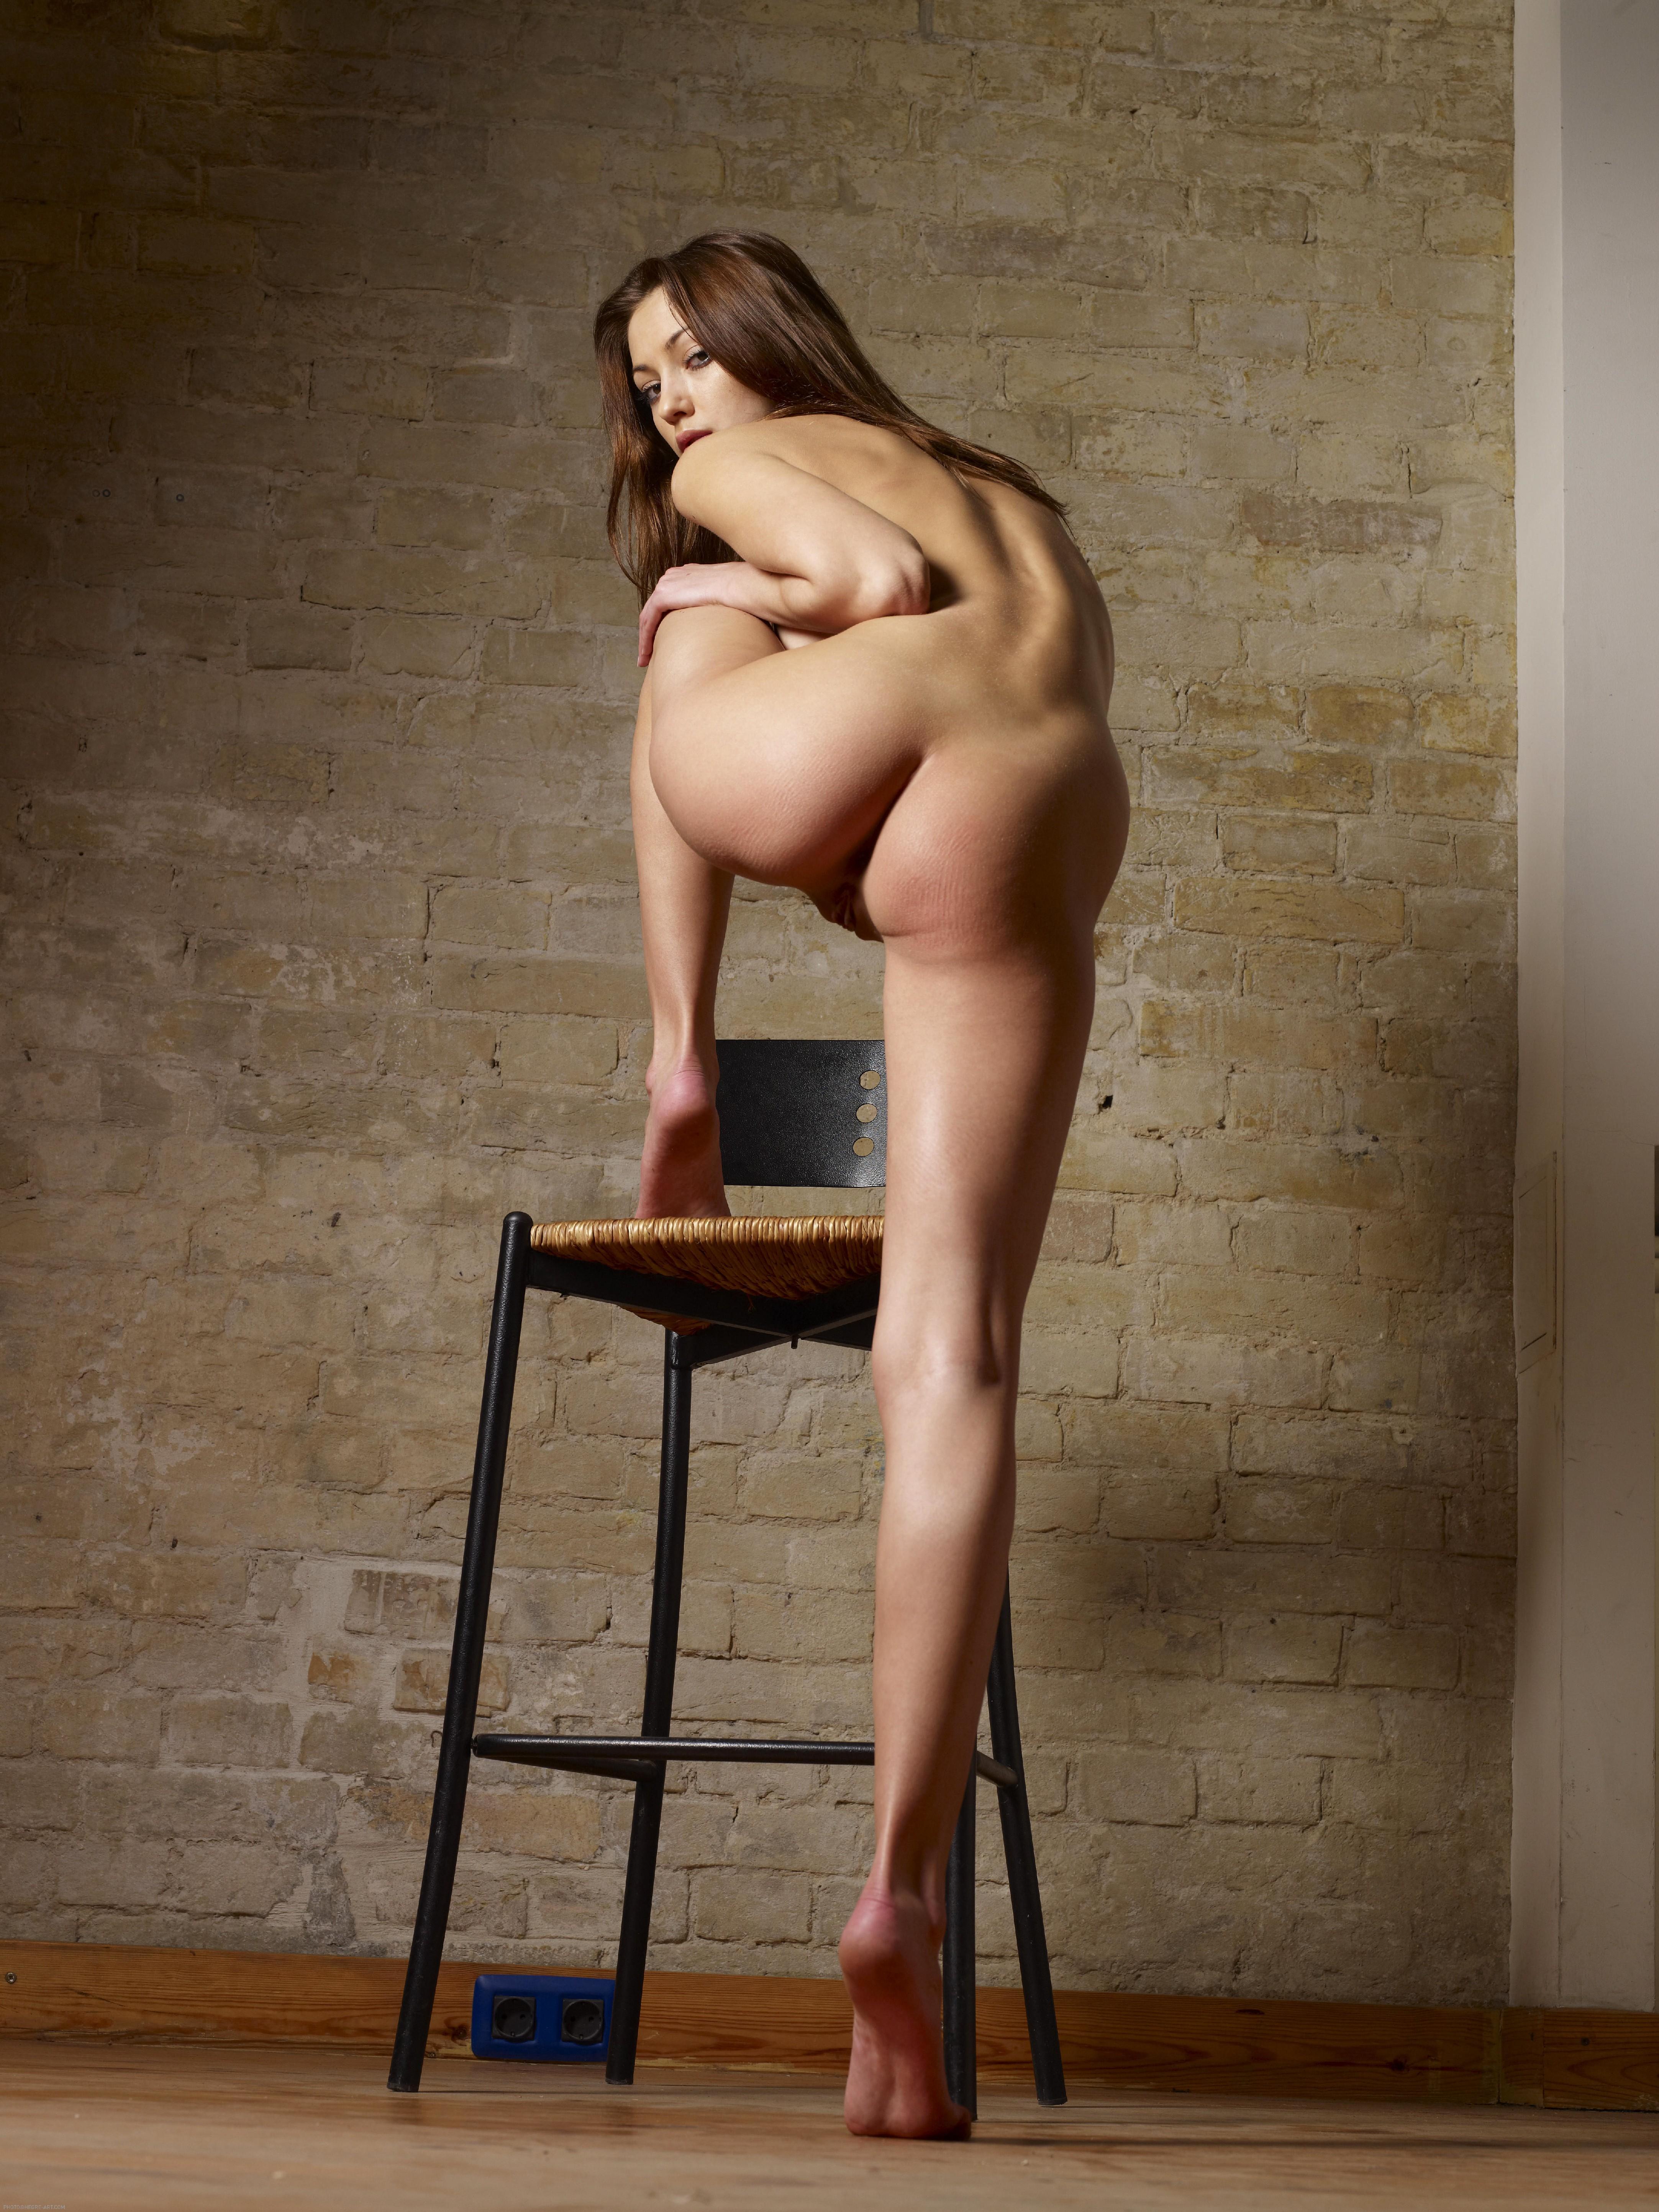 Красивые модели с классными фигурами показывают свои нежные попки